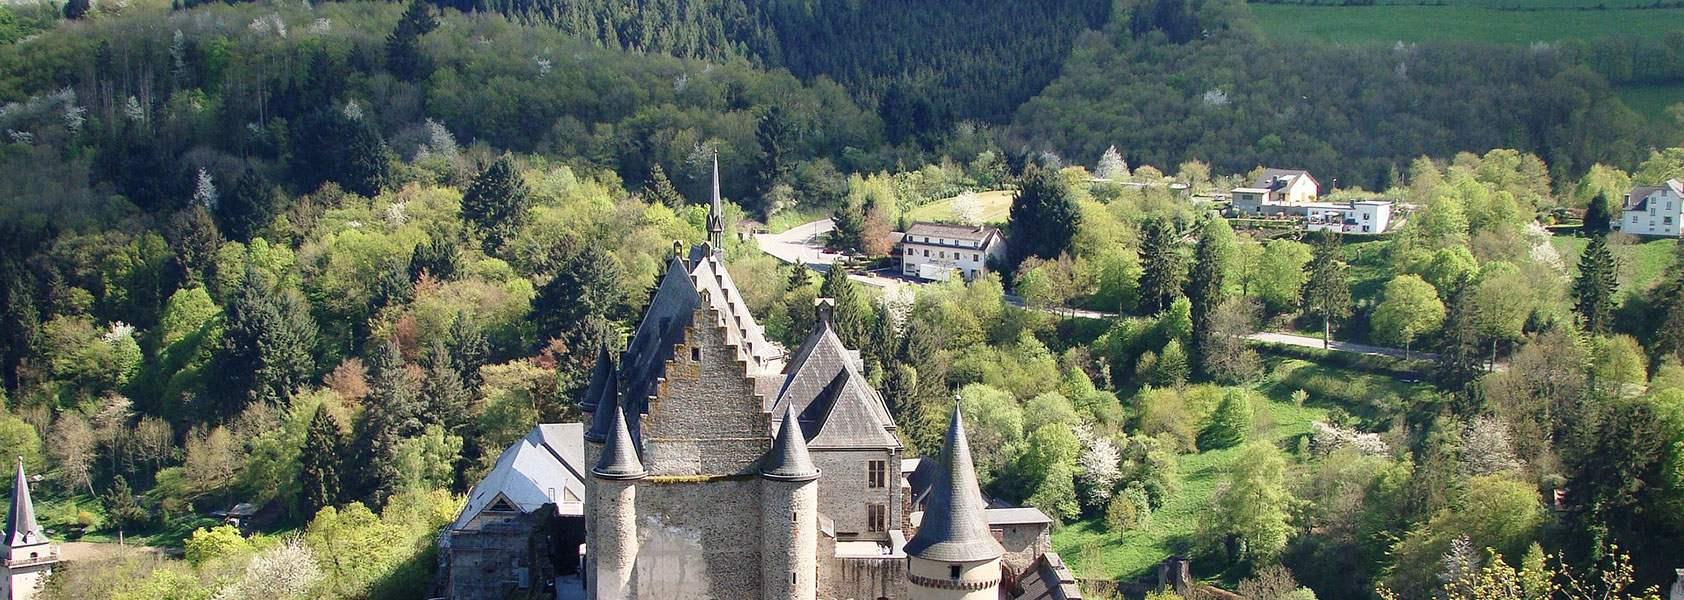 Luxemburg | Wandelvakantie kleine Luxemburger Schweiz